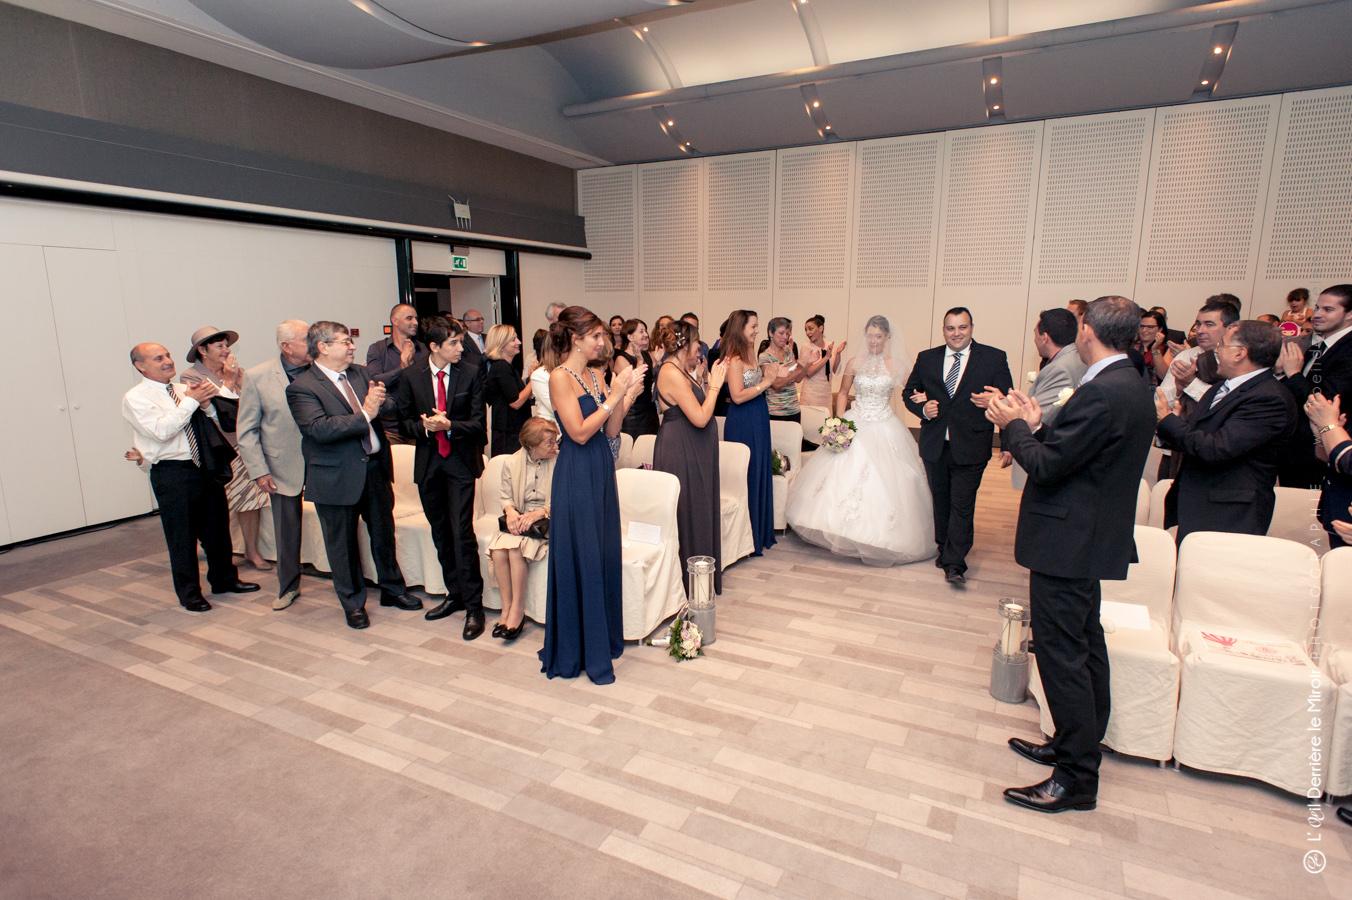 Photographe-mariage-monaco-loeilderrierelemiroir-030